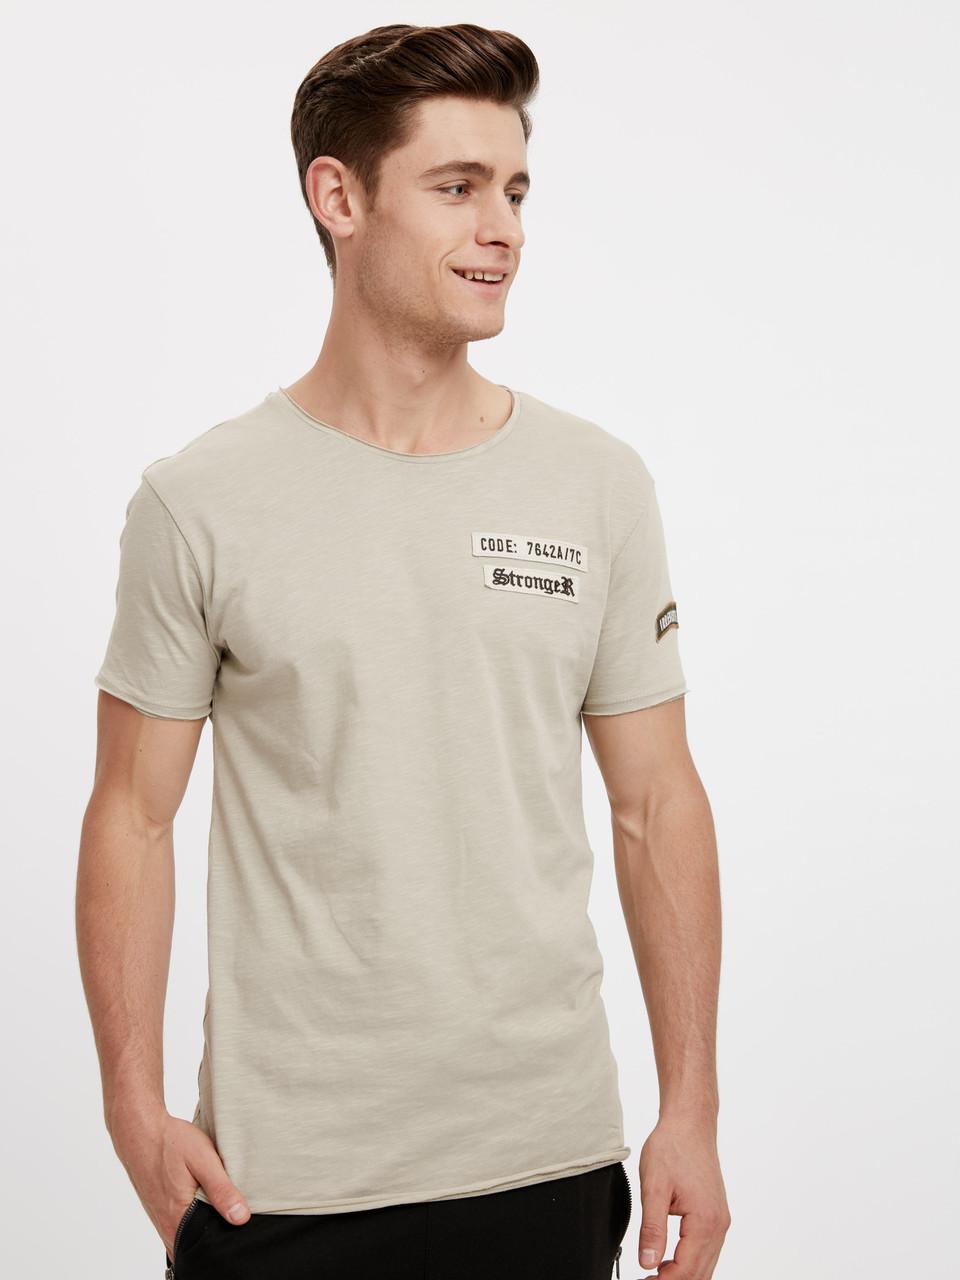 Бежевая мужская футболка LC Waikiki / ЛС Вайкики Stronger